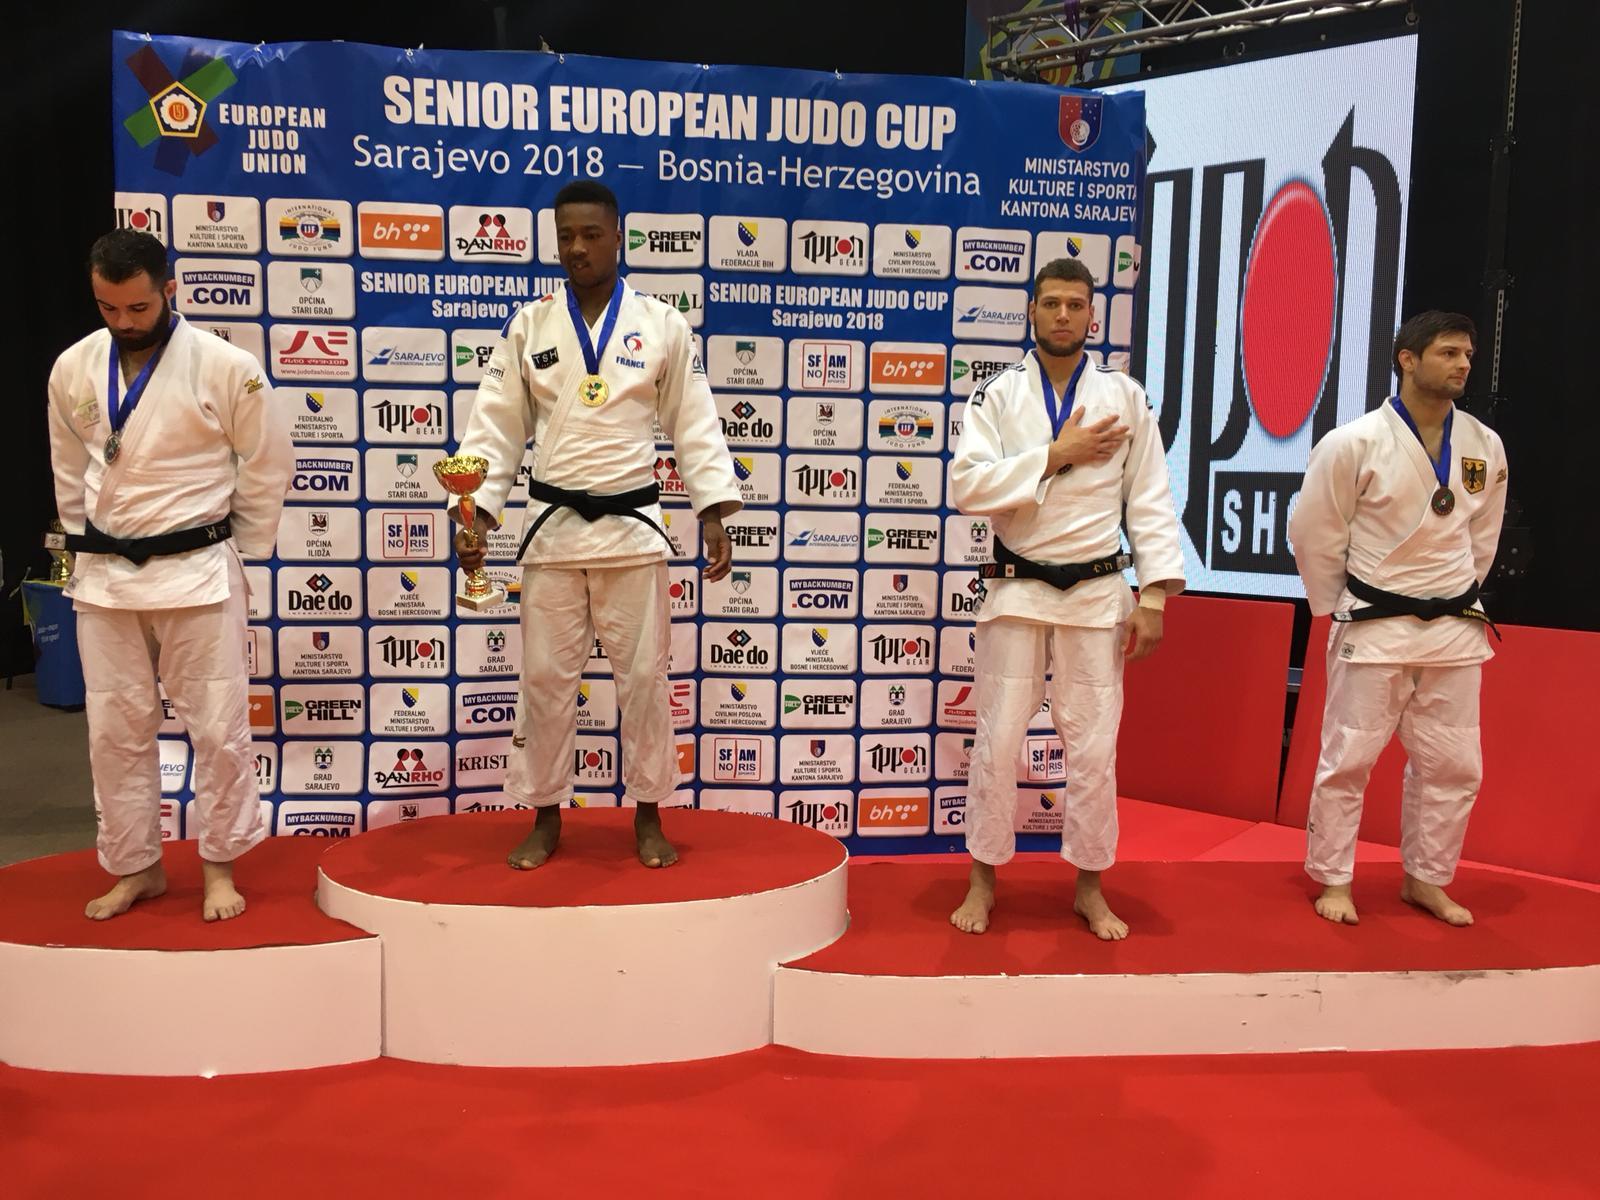 20180505_sarajevo_jic_podium90